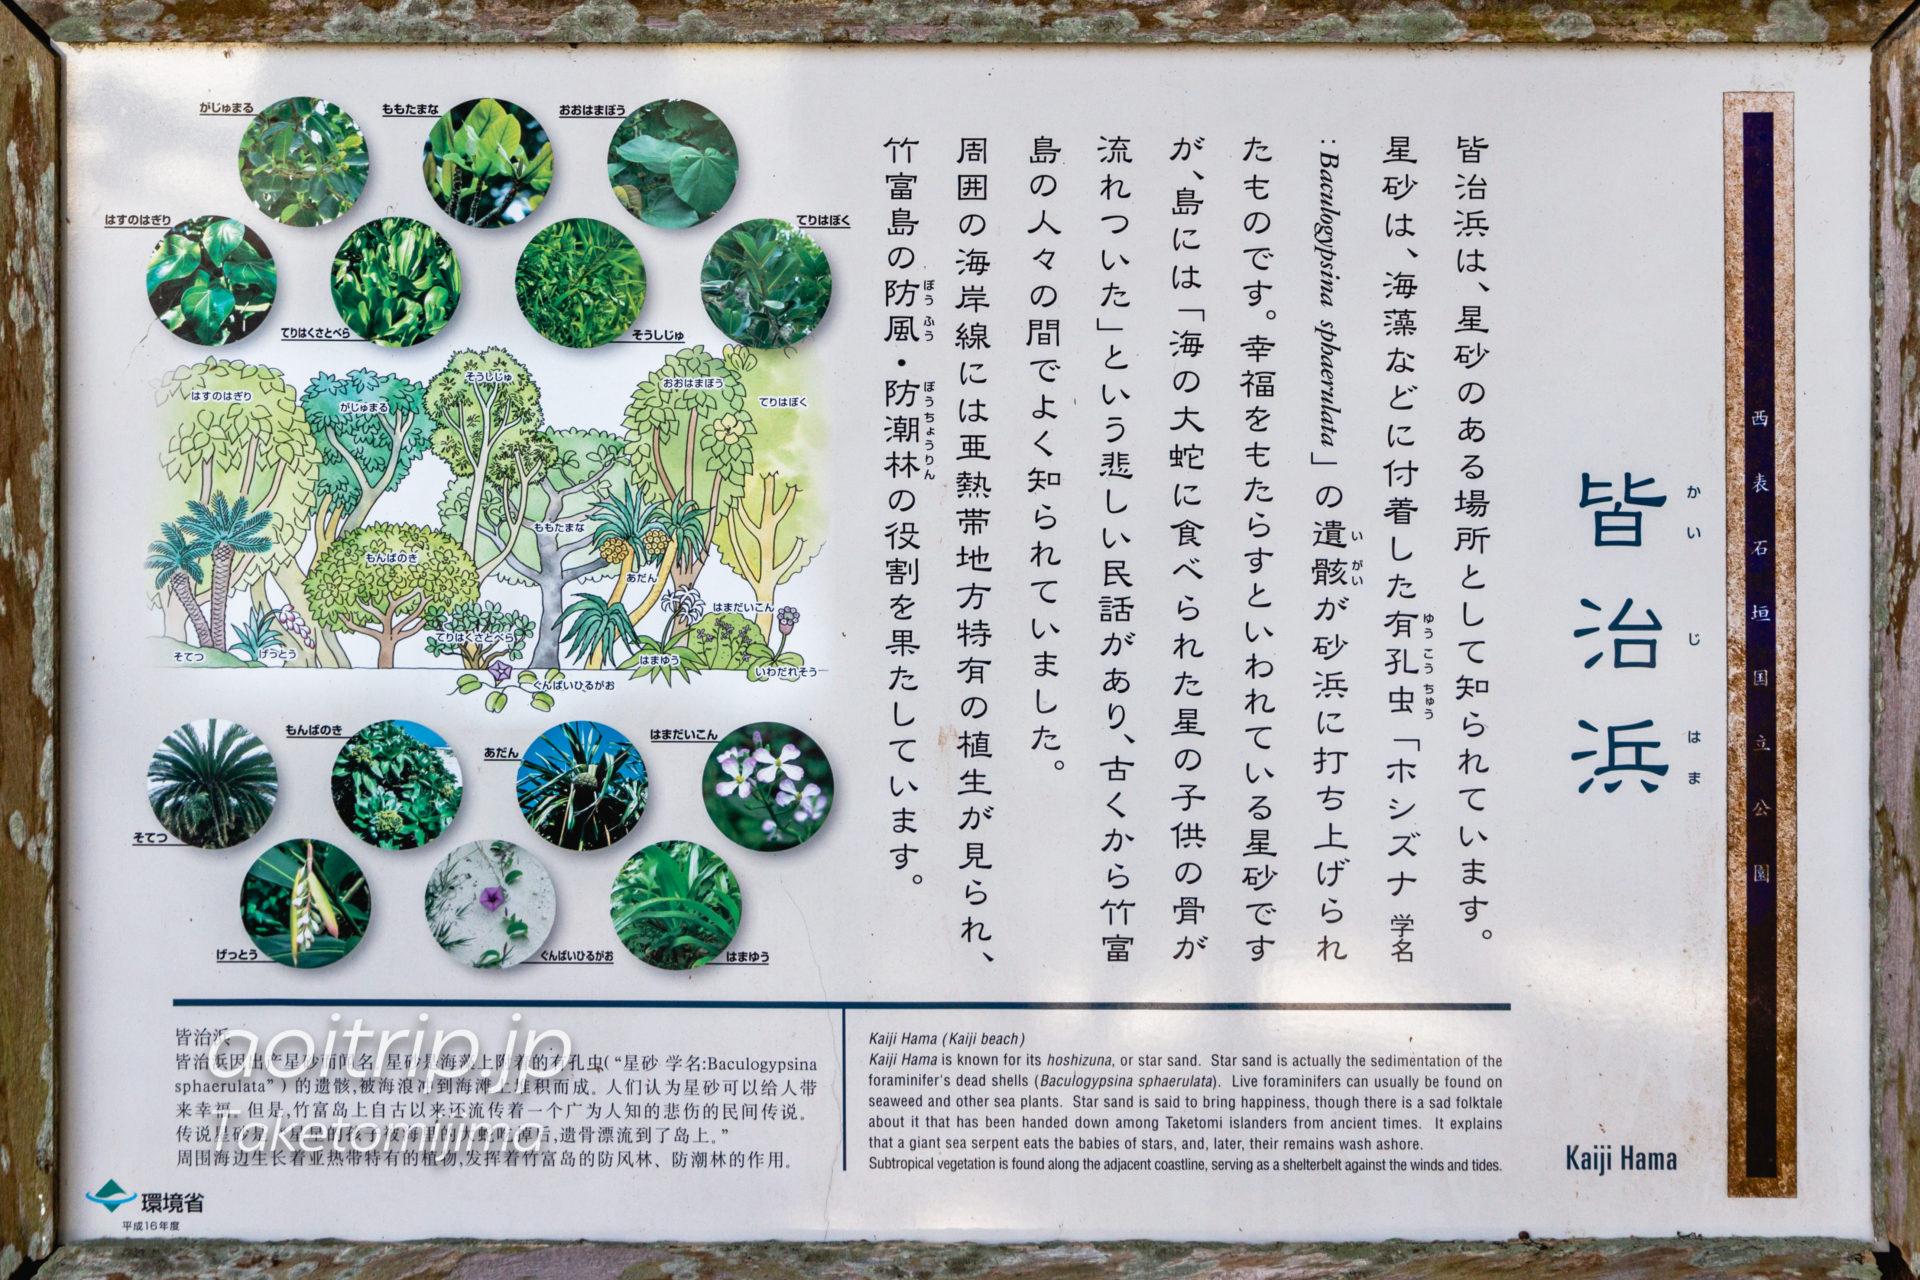 竹富島 カイジ浜の解説